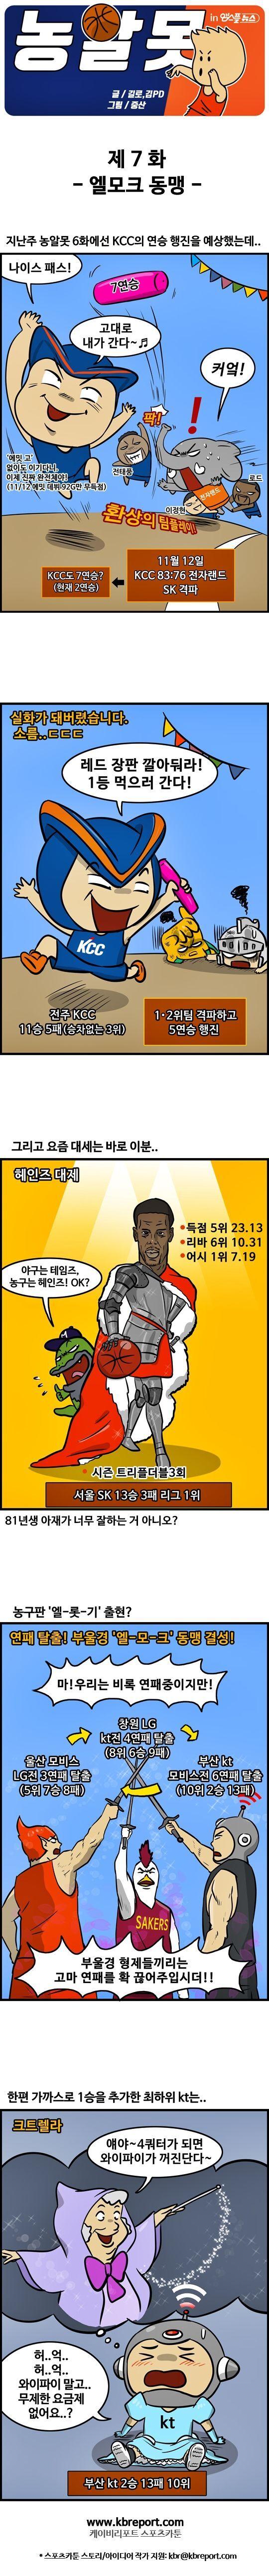 출처: [농구카툰] 농알못 : '농구판 엘-롯-기? '엘-모-크' 동맹 탄생